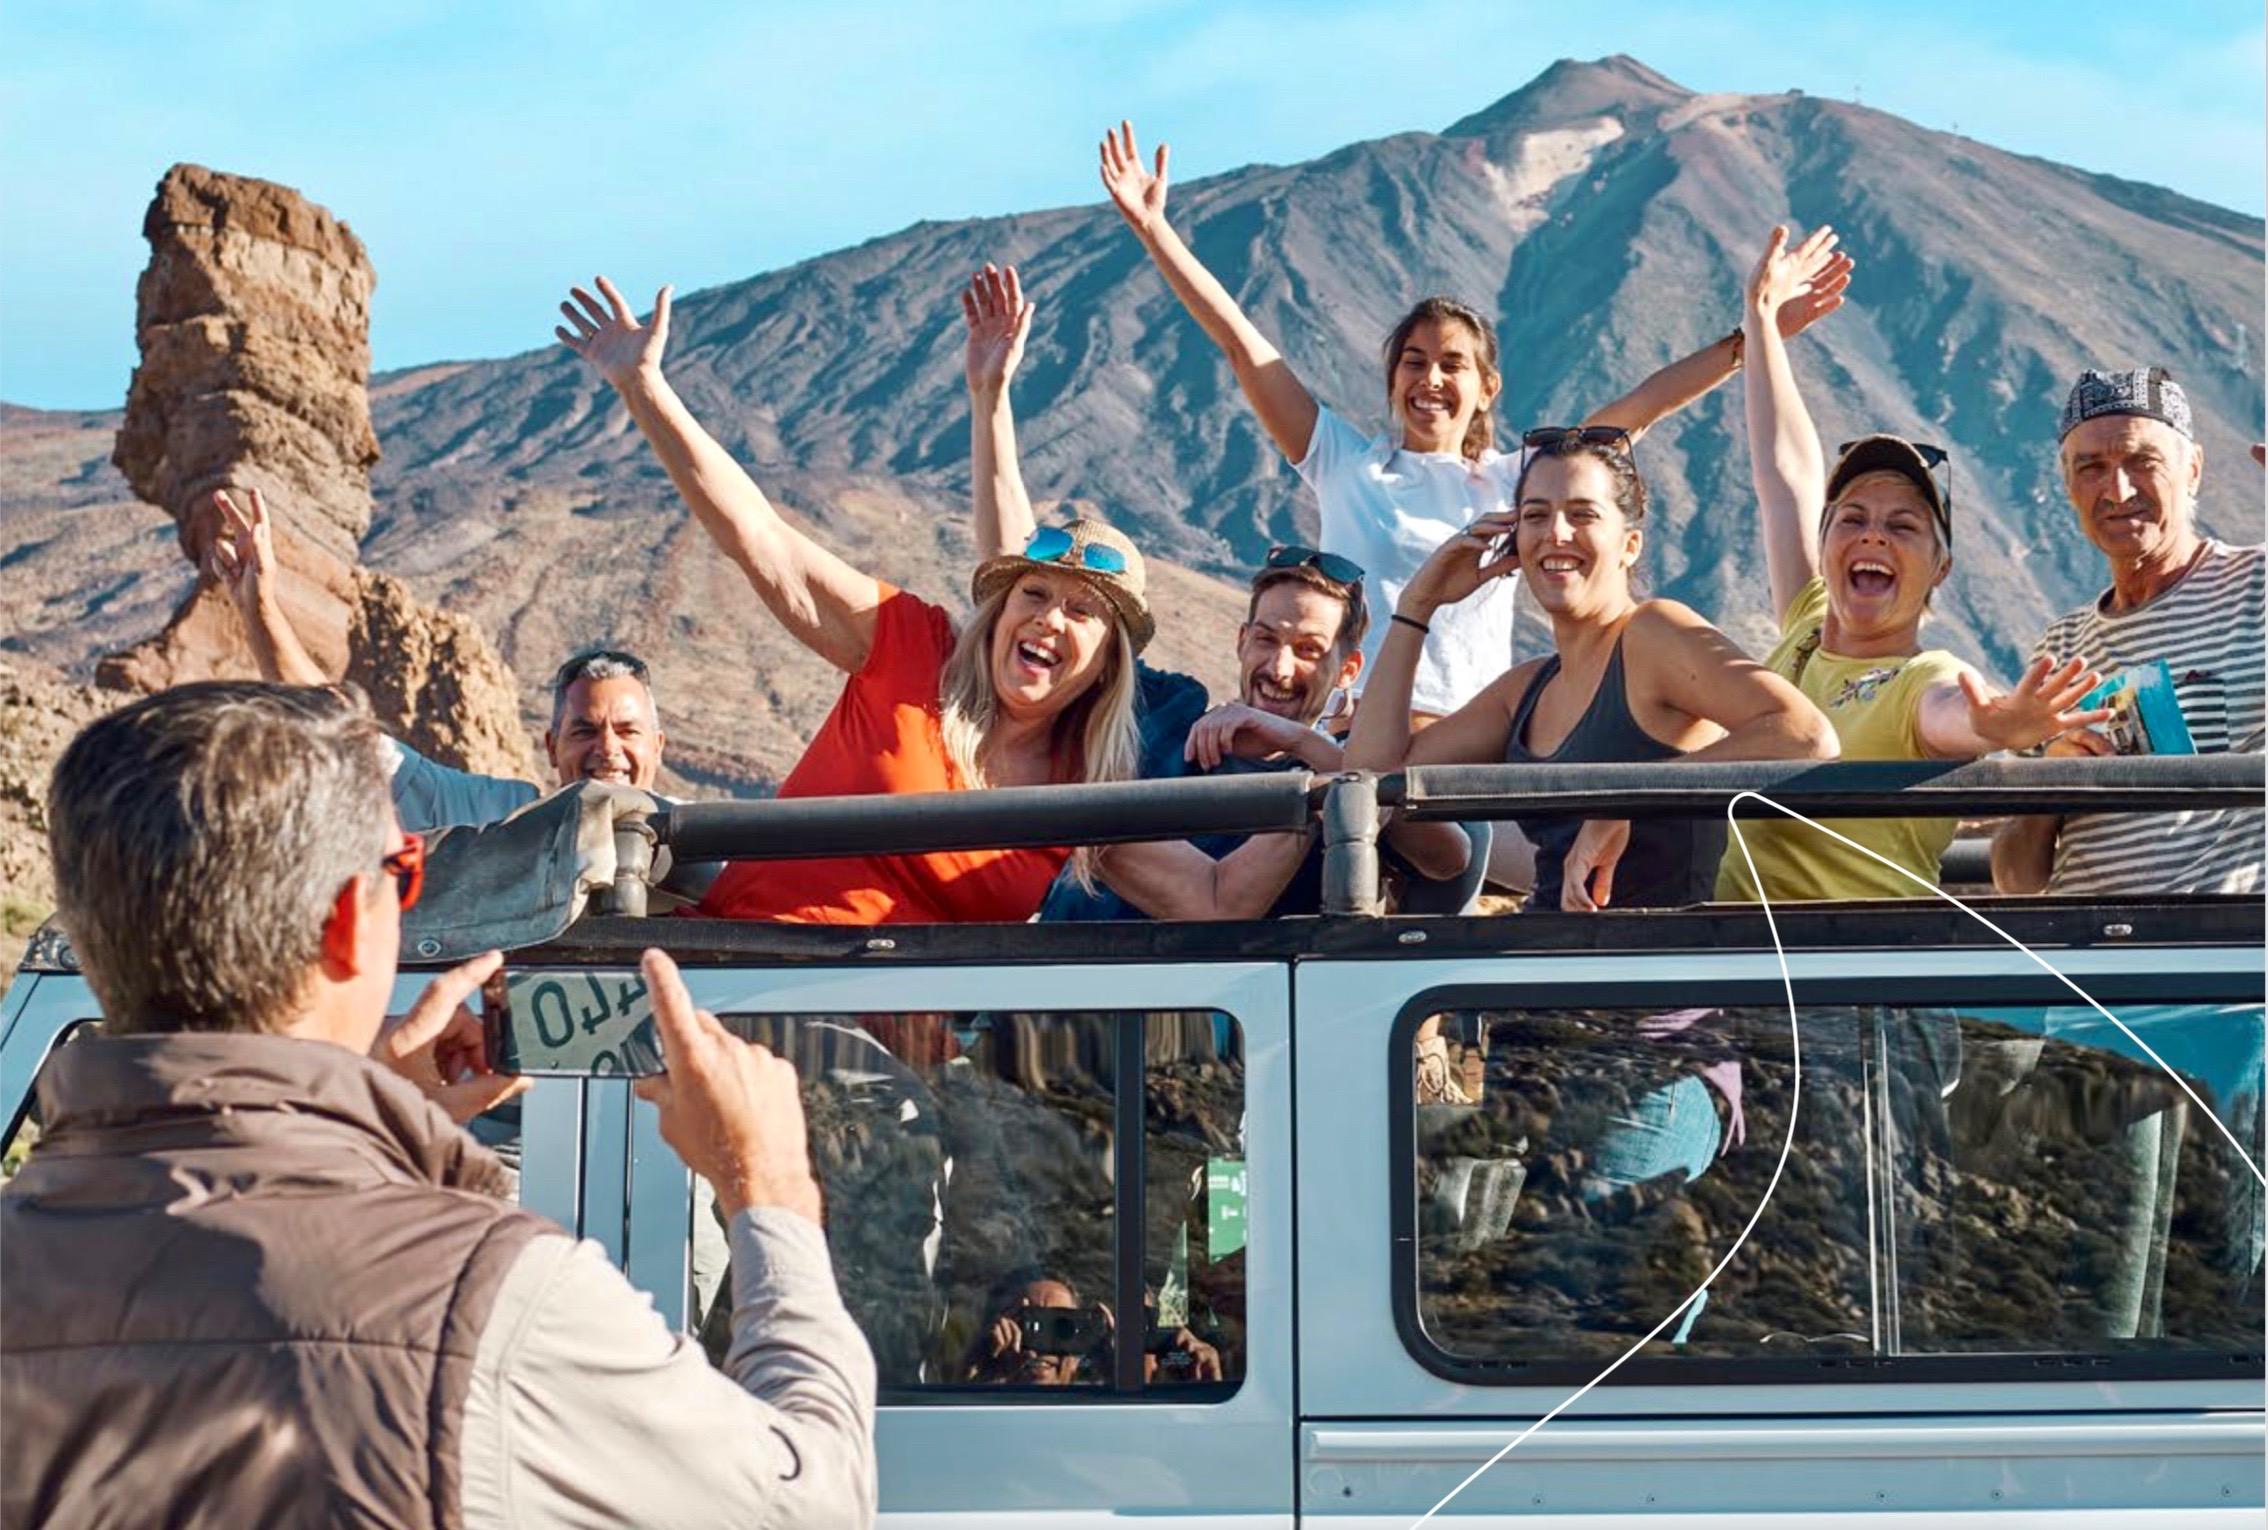 Un grupo de viajeros en una excursión turística felizmente posando para la foto frente al volcán Teide